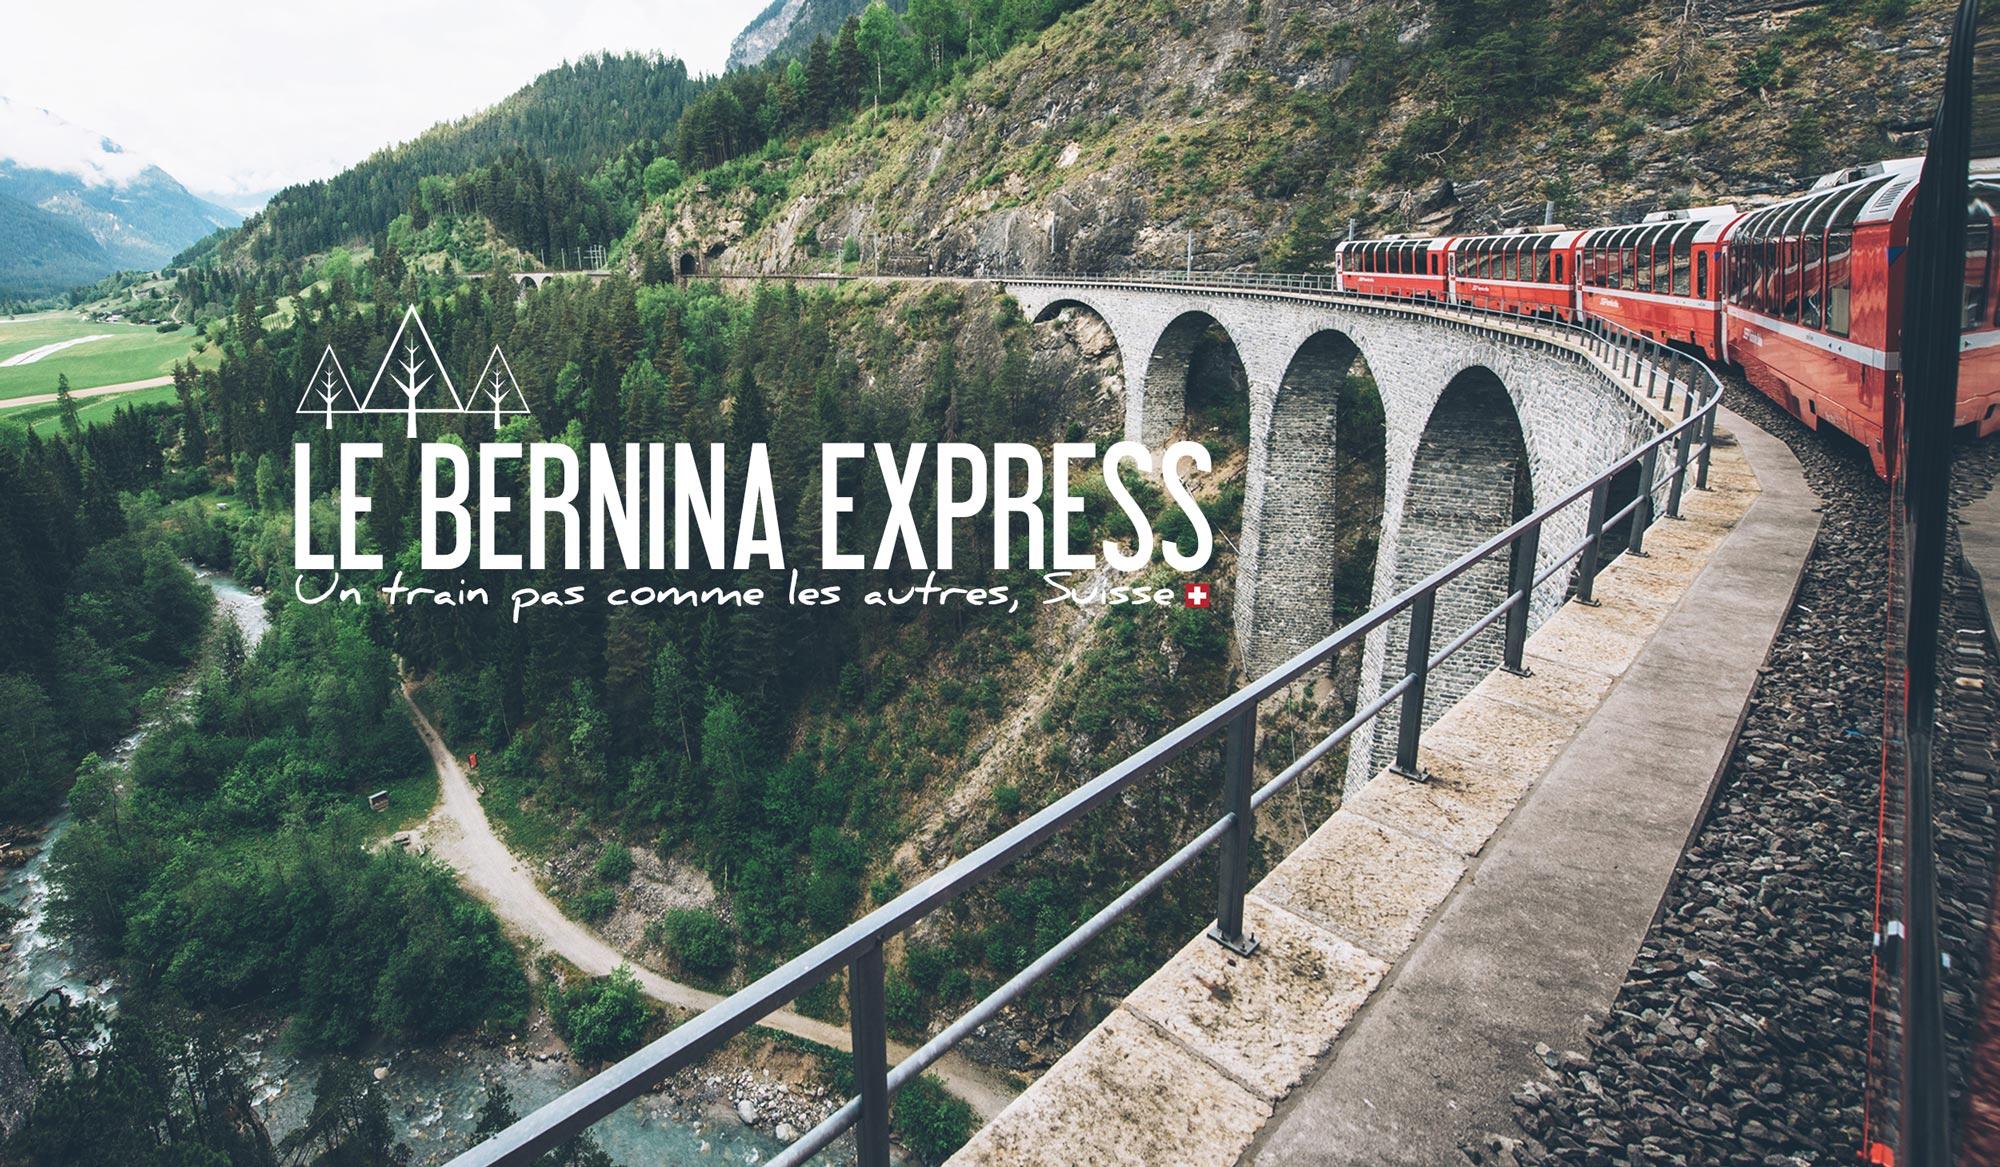 Bernina Express, train panoramique, Suisse